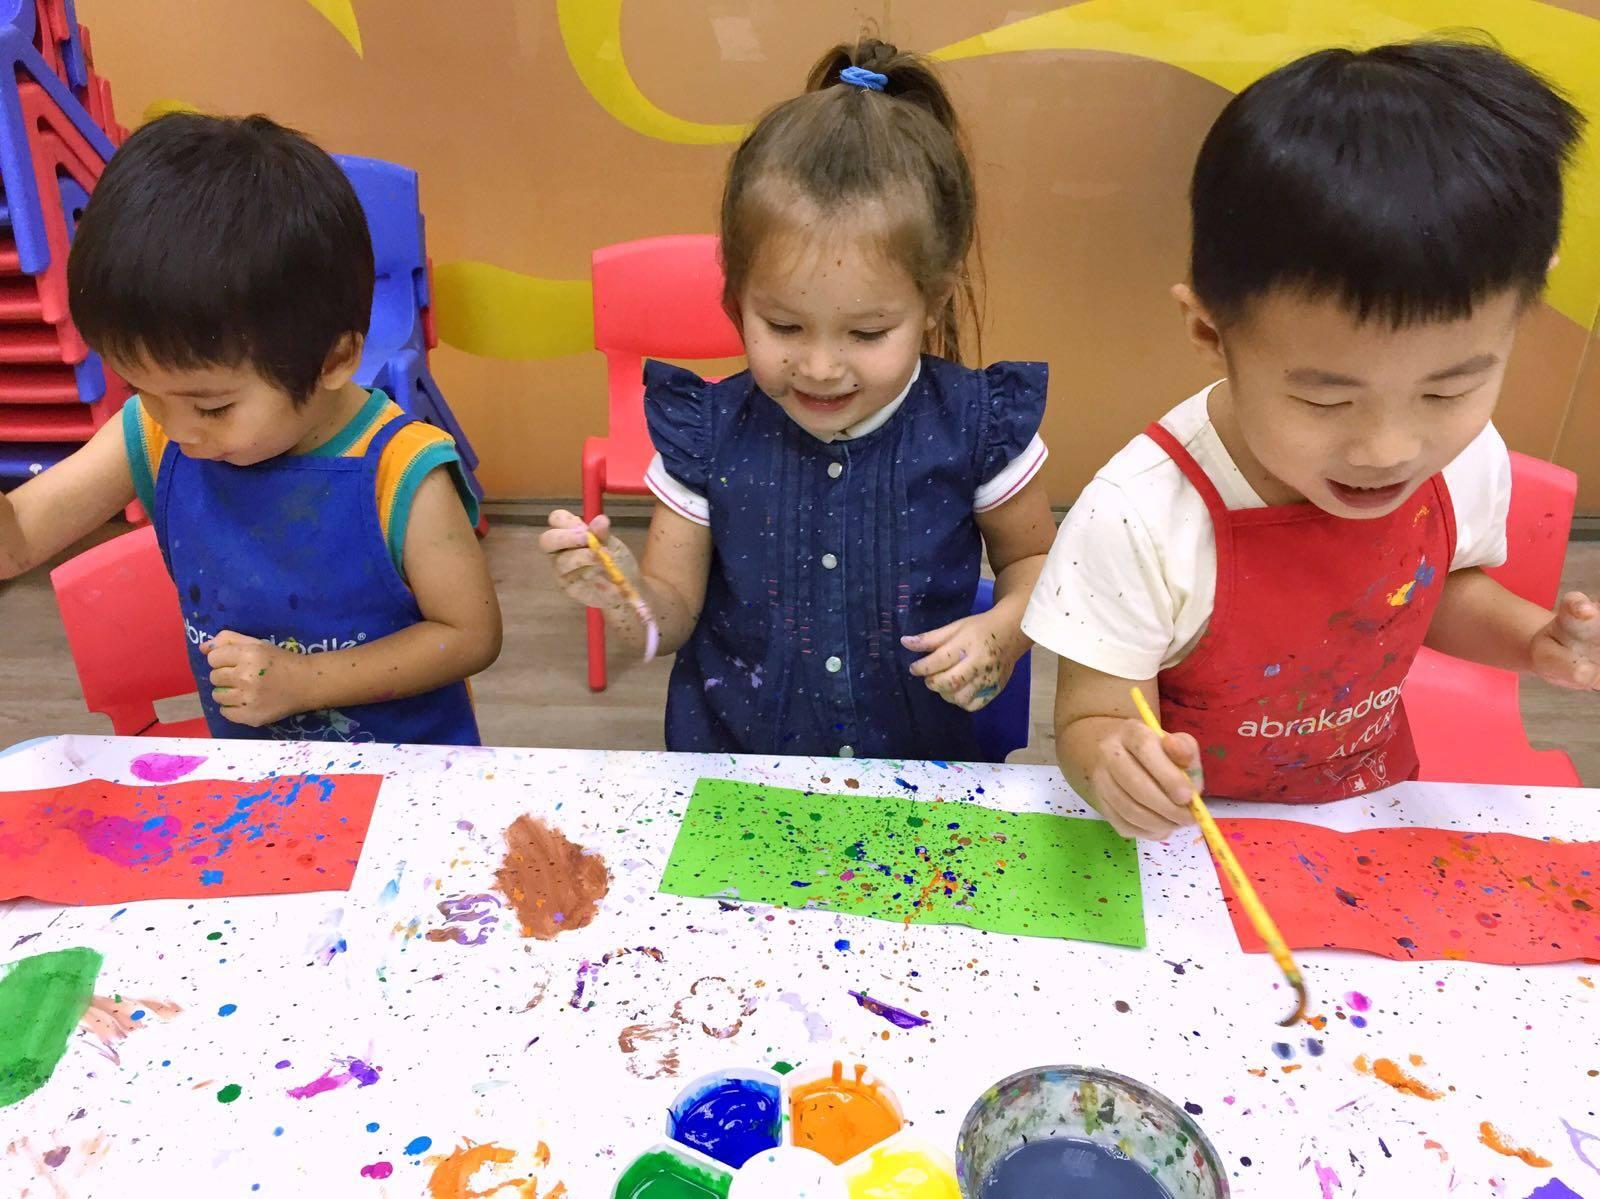 art classes for kids - HD1600×1199